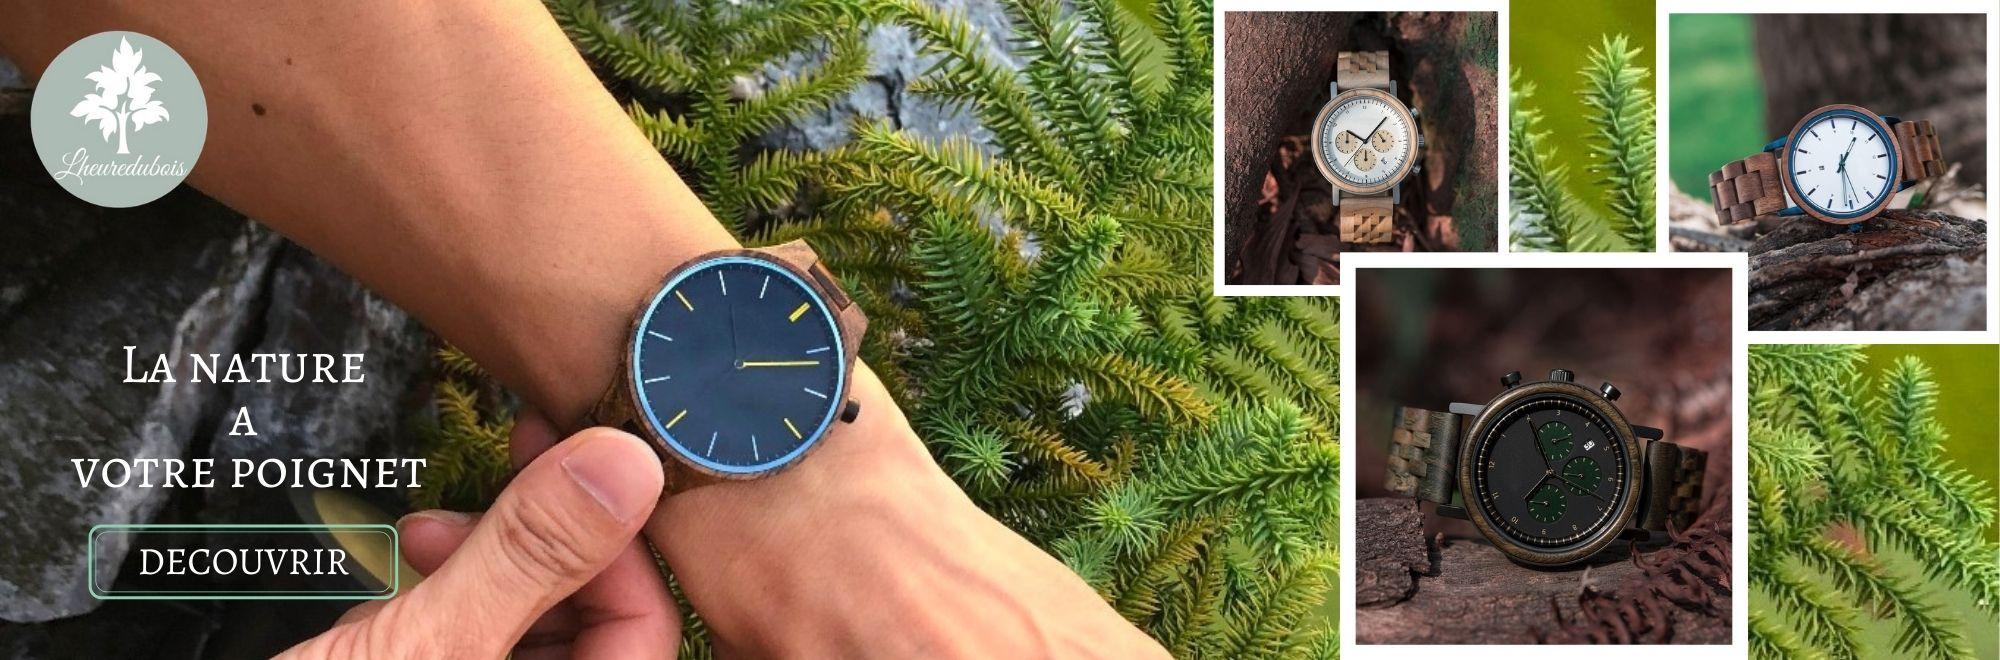 Lheuredubois votre boutique de montres en bois et accessoires créer par la nature